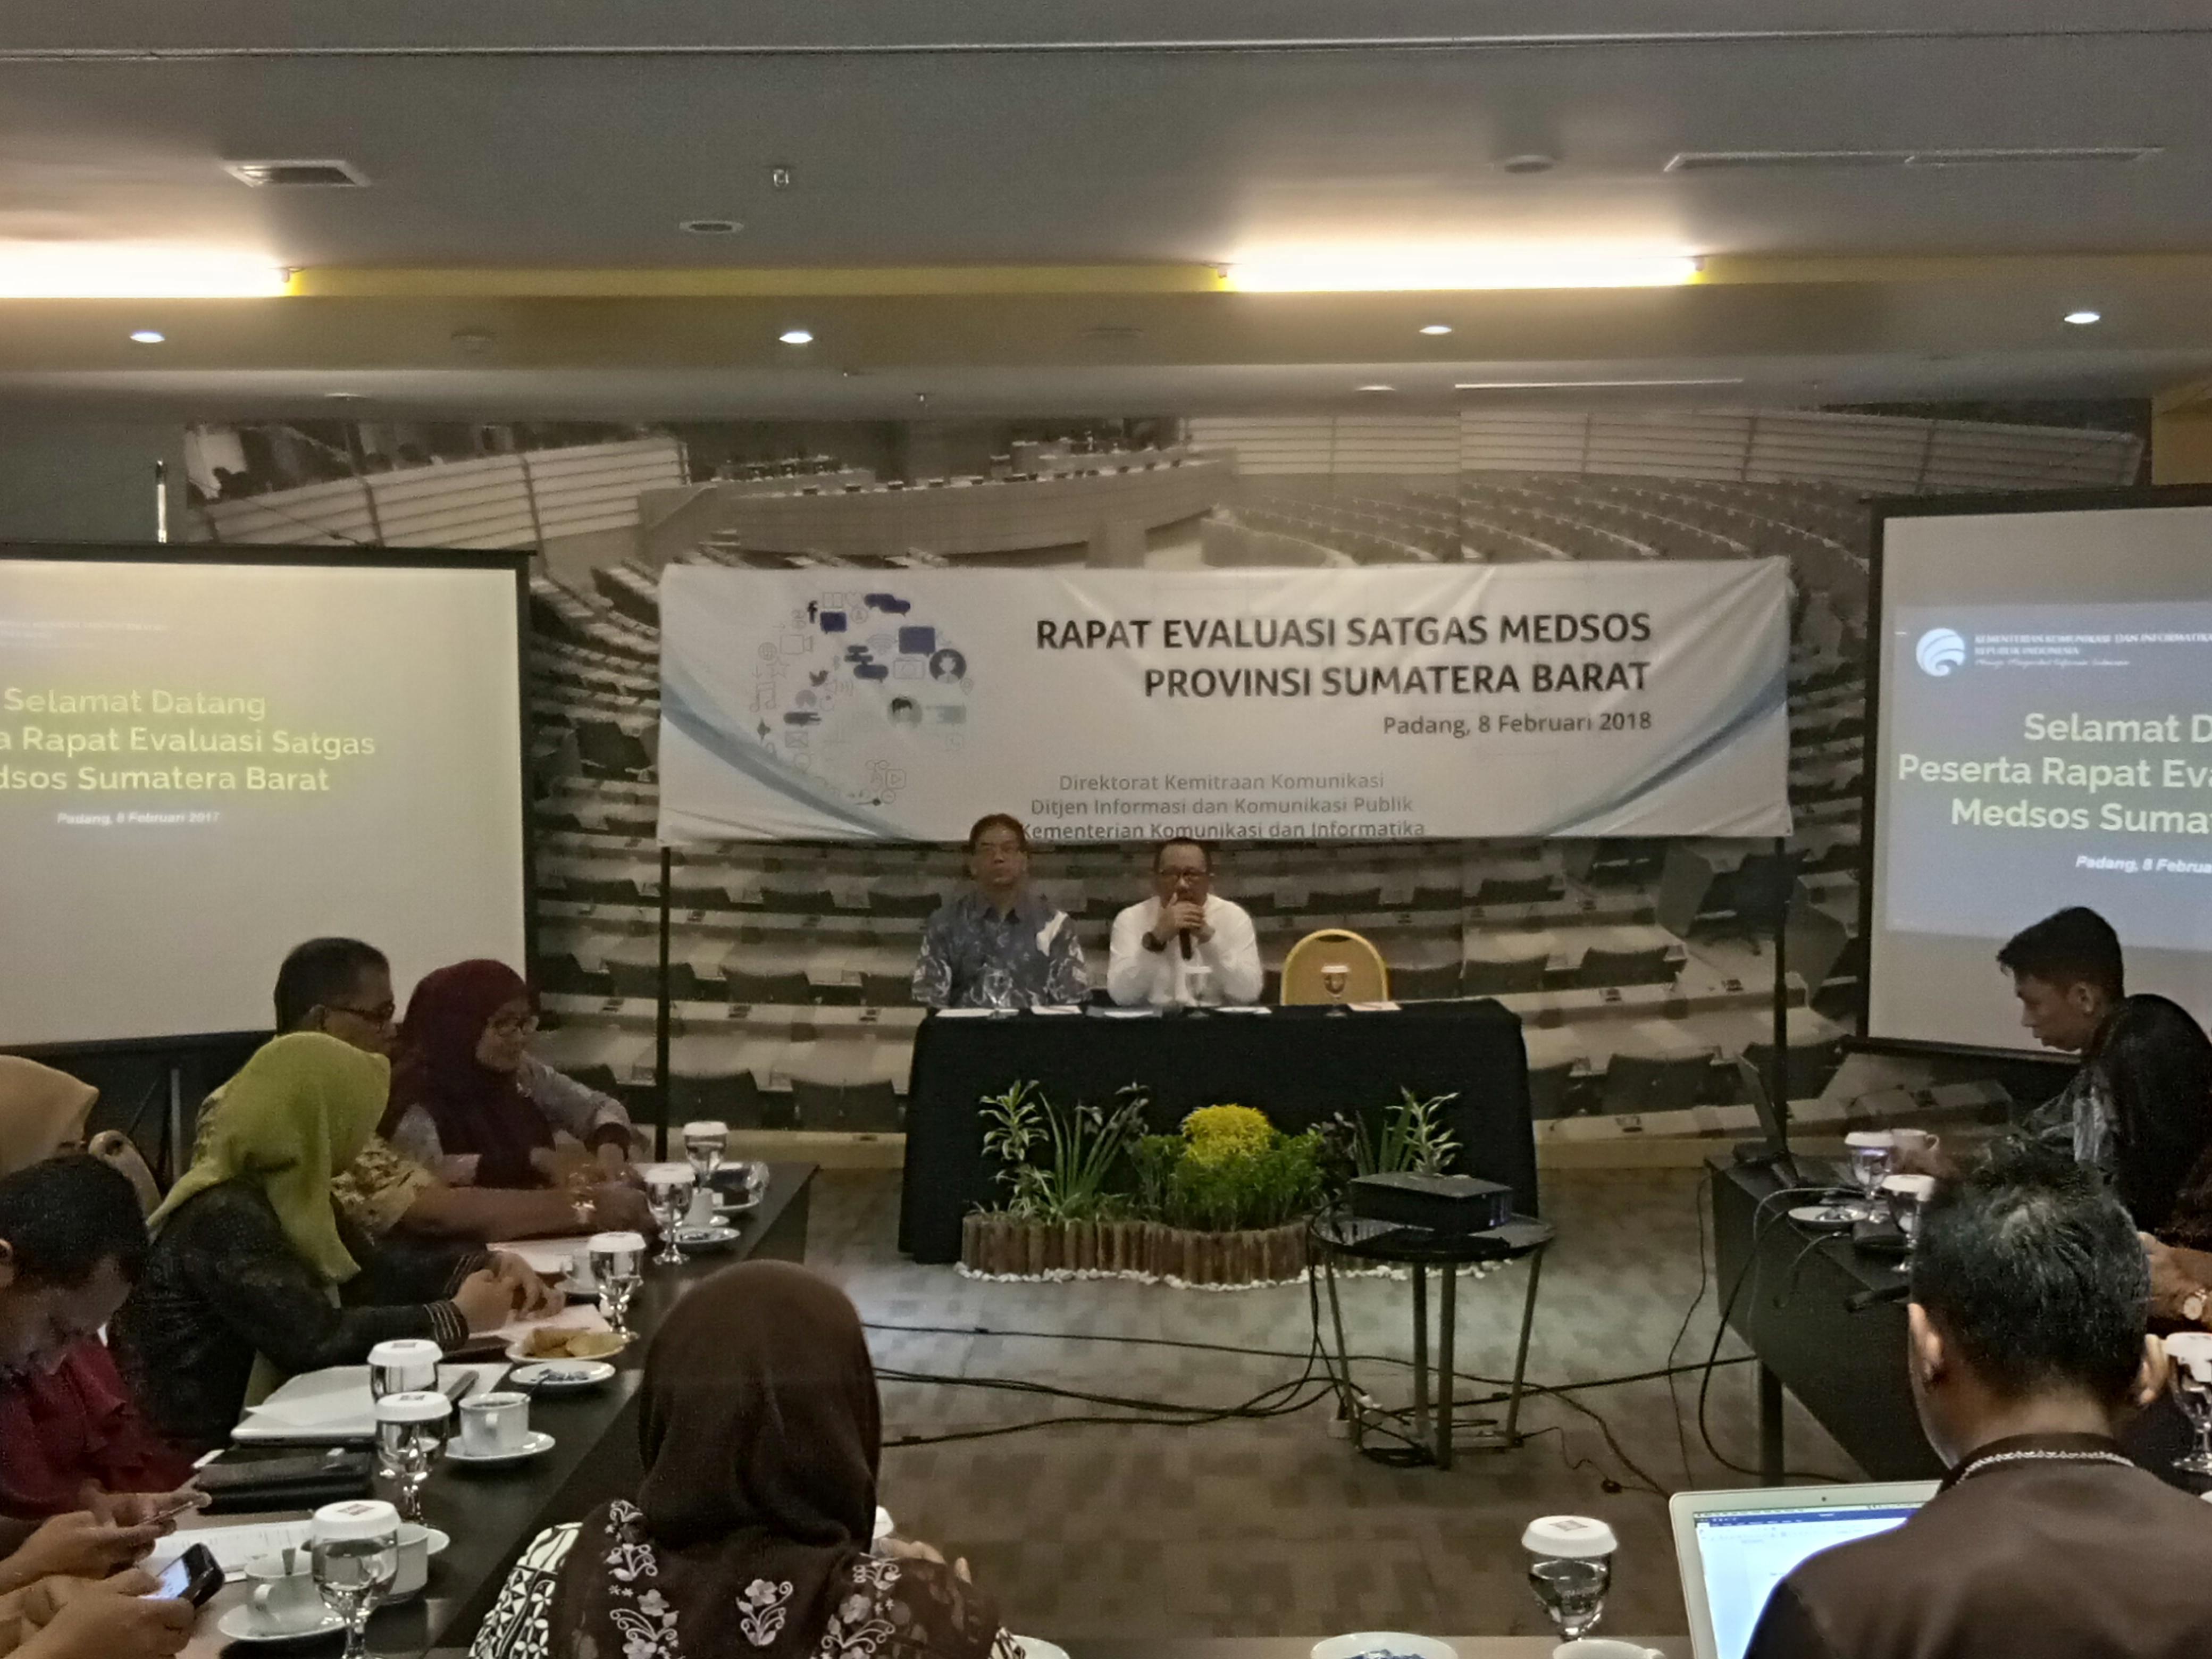 Rapat Evaluasi Satgas Medsos Provinsi Sumatera Barat